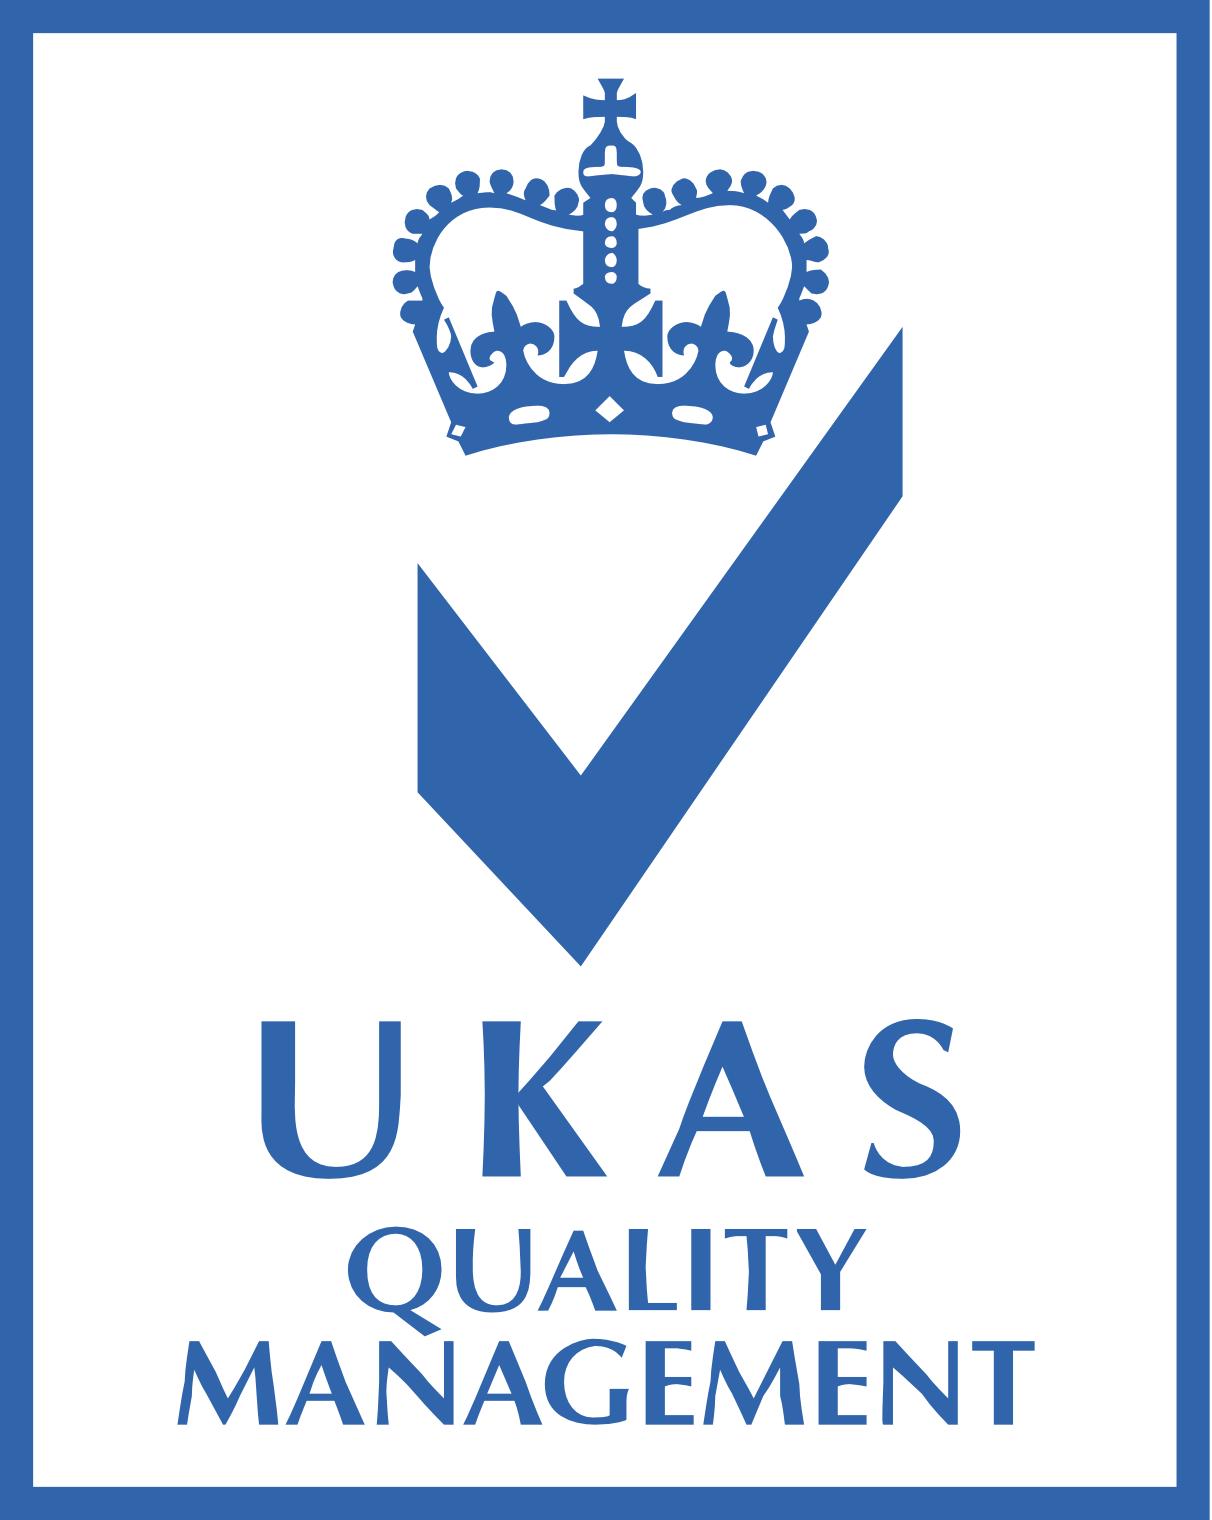 ukas-quality-management-seeklogo.com.png